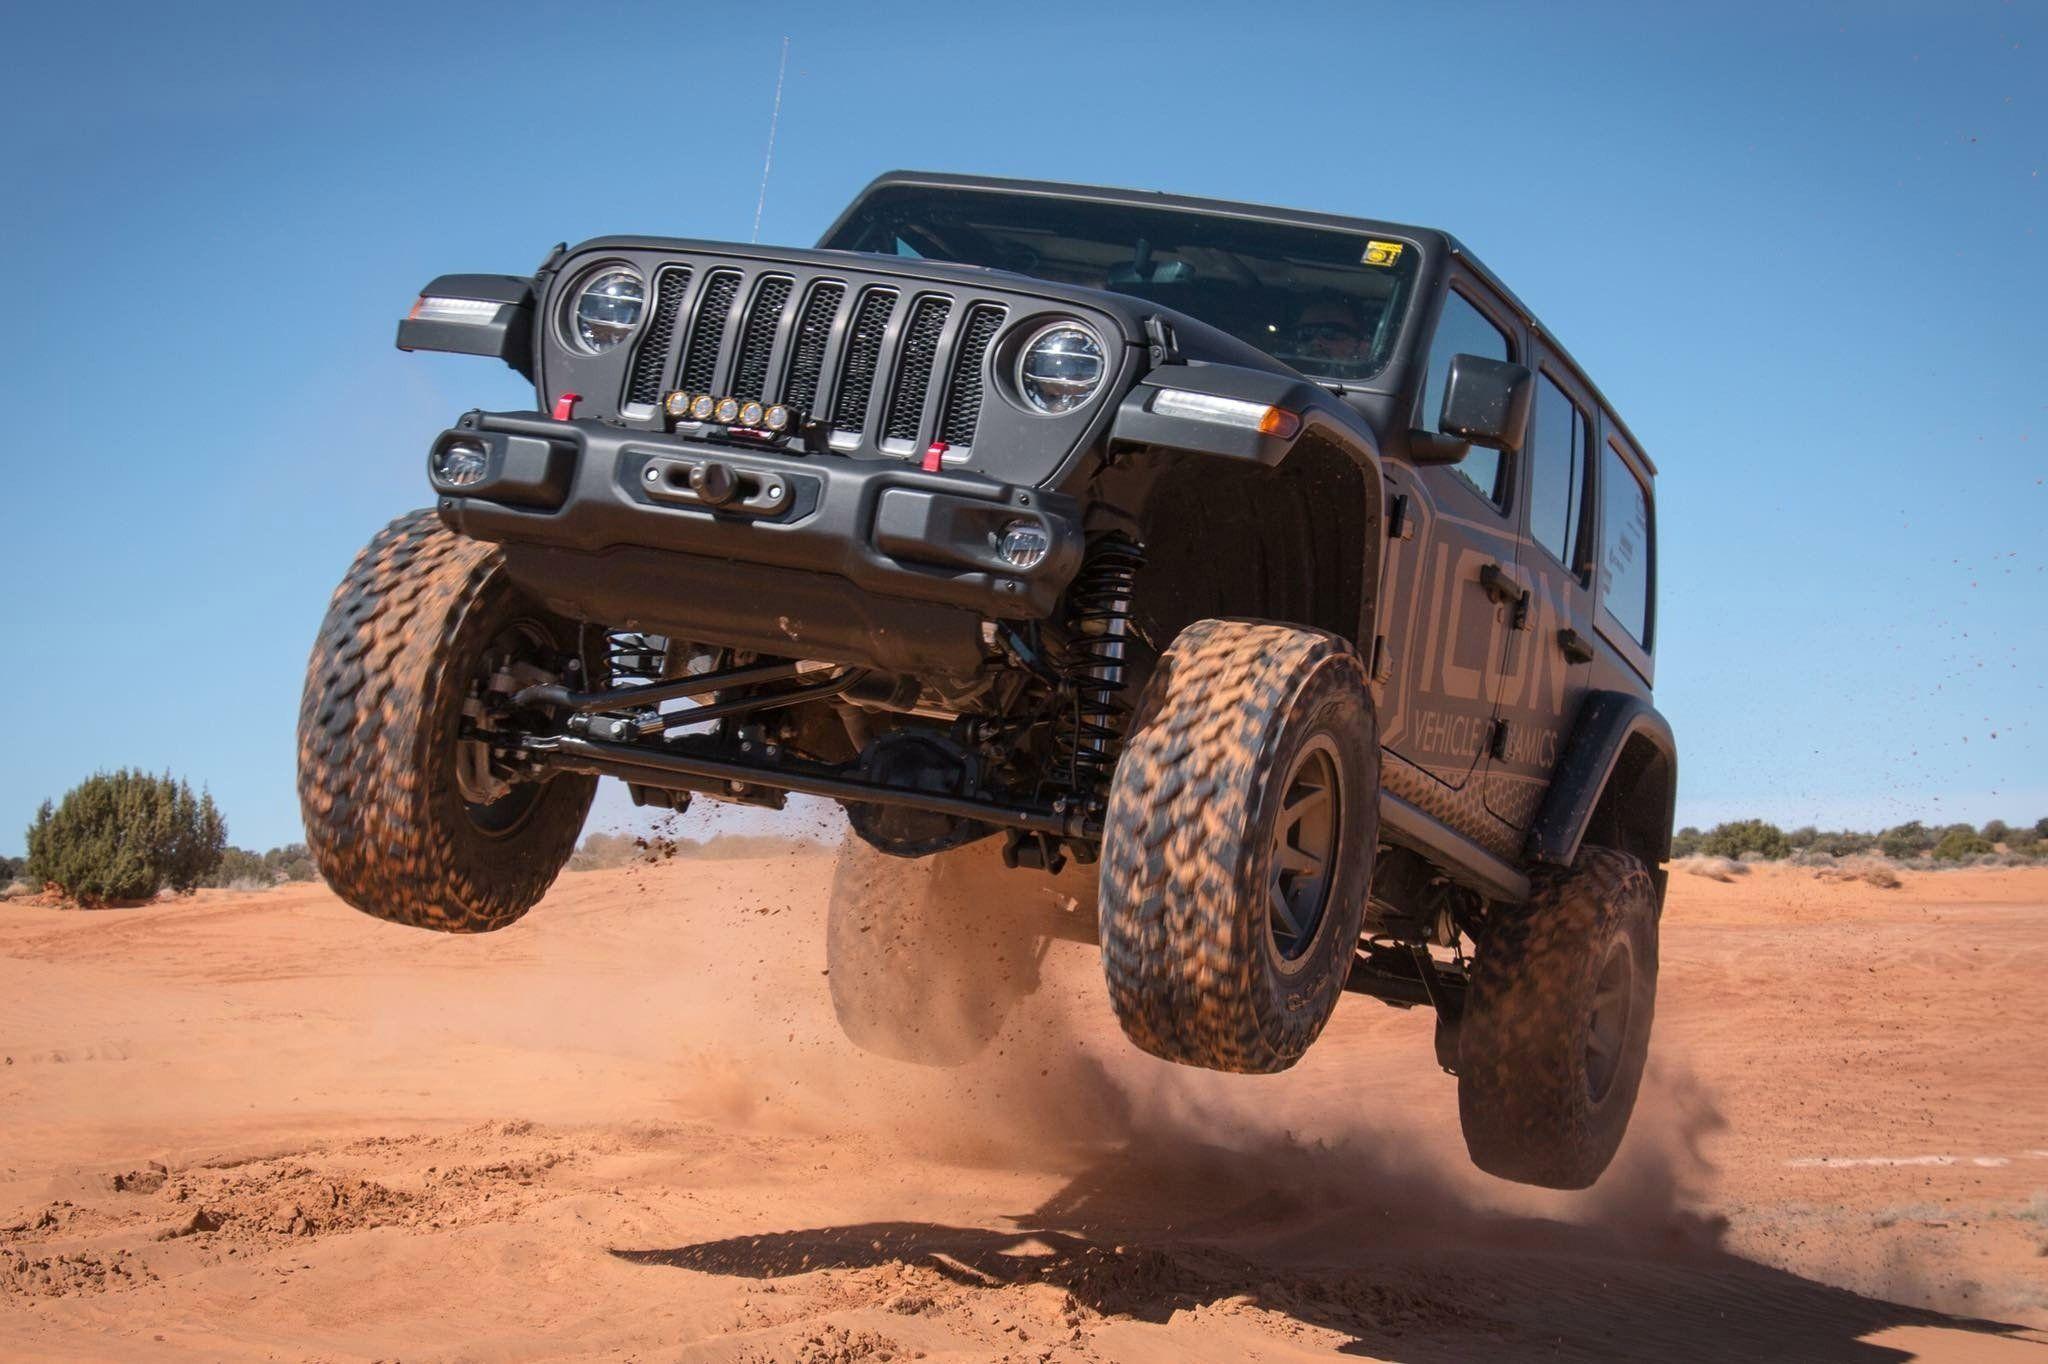 Jeep Jl Kc Flex Led 10 Jeep Jeep Jl Jeep Wrangler Unlimited